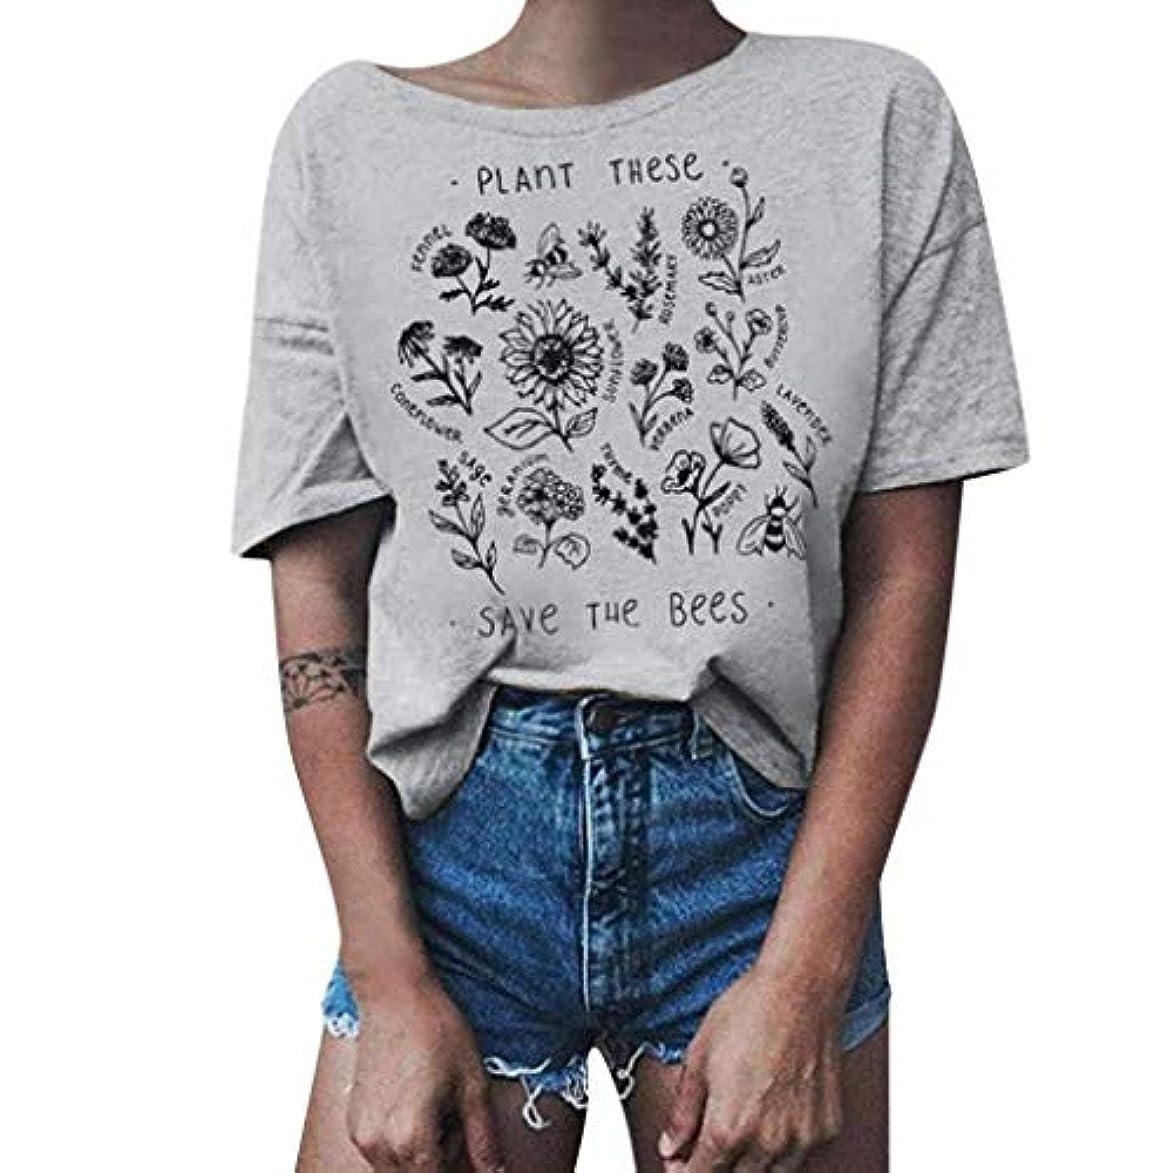 所持破産対人Tシャツ レディース 半袖 おおきいサイズ ビンテージ 花柄 ラウンドネック ビジネス 学生 洋服 お出かけ ワイシャツ 流行り ブラウス 軽い 柔らかい かっこいい カジュアル シンプル オシャレ 春夏 対応 可愛い 欧米風 日韓風